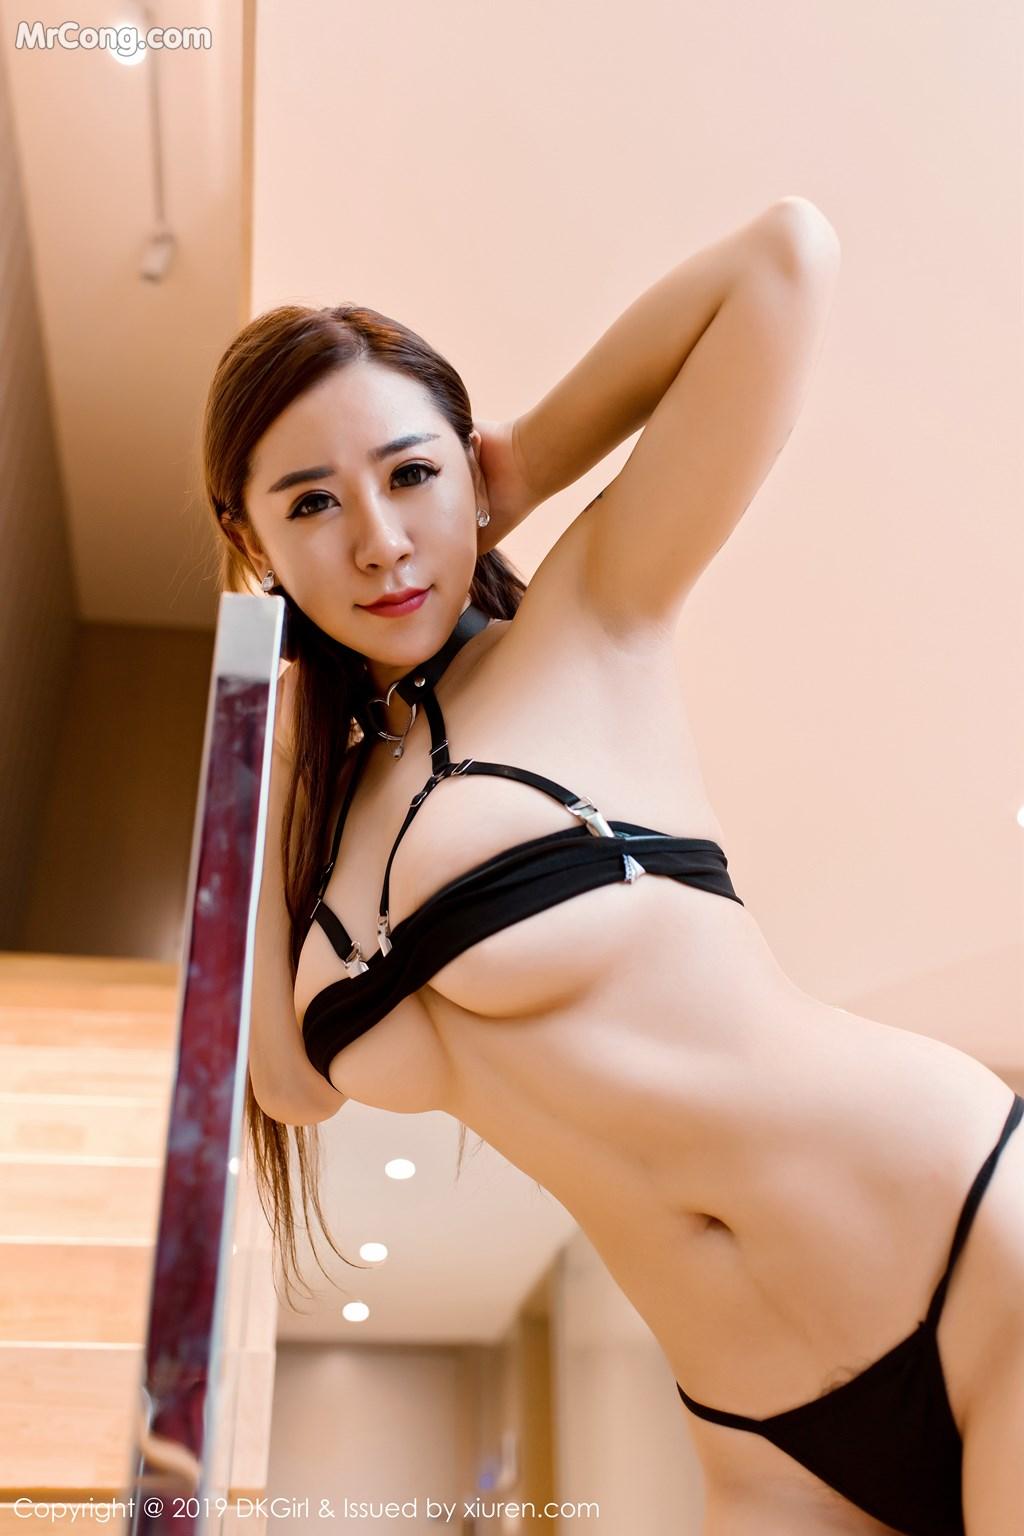 Image DKGirl-Vol.109-Cier-MrCong.com-028 in post DKGirl Vol.109: 雪儿Cier (49 ảnh)